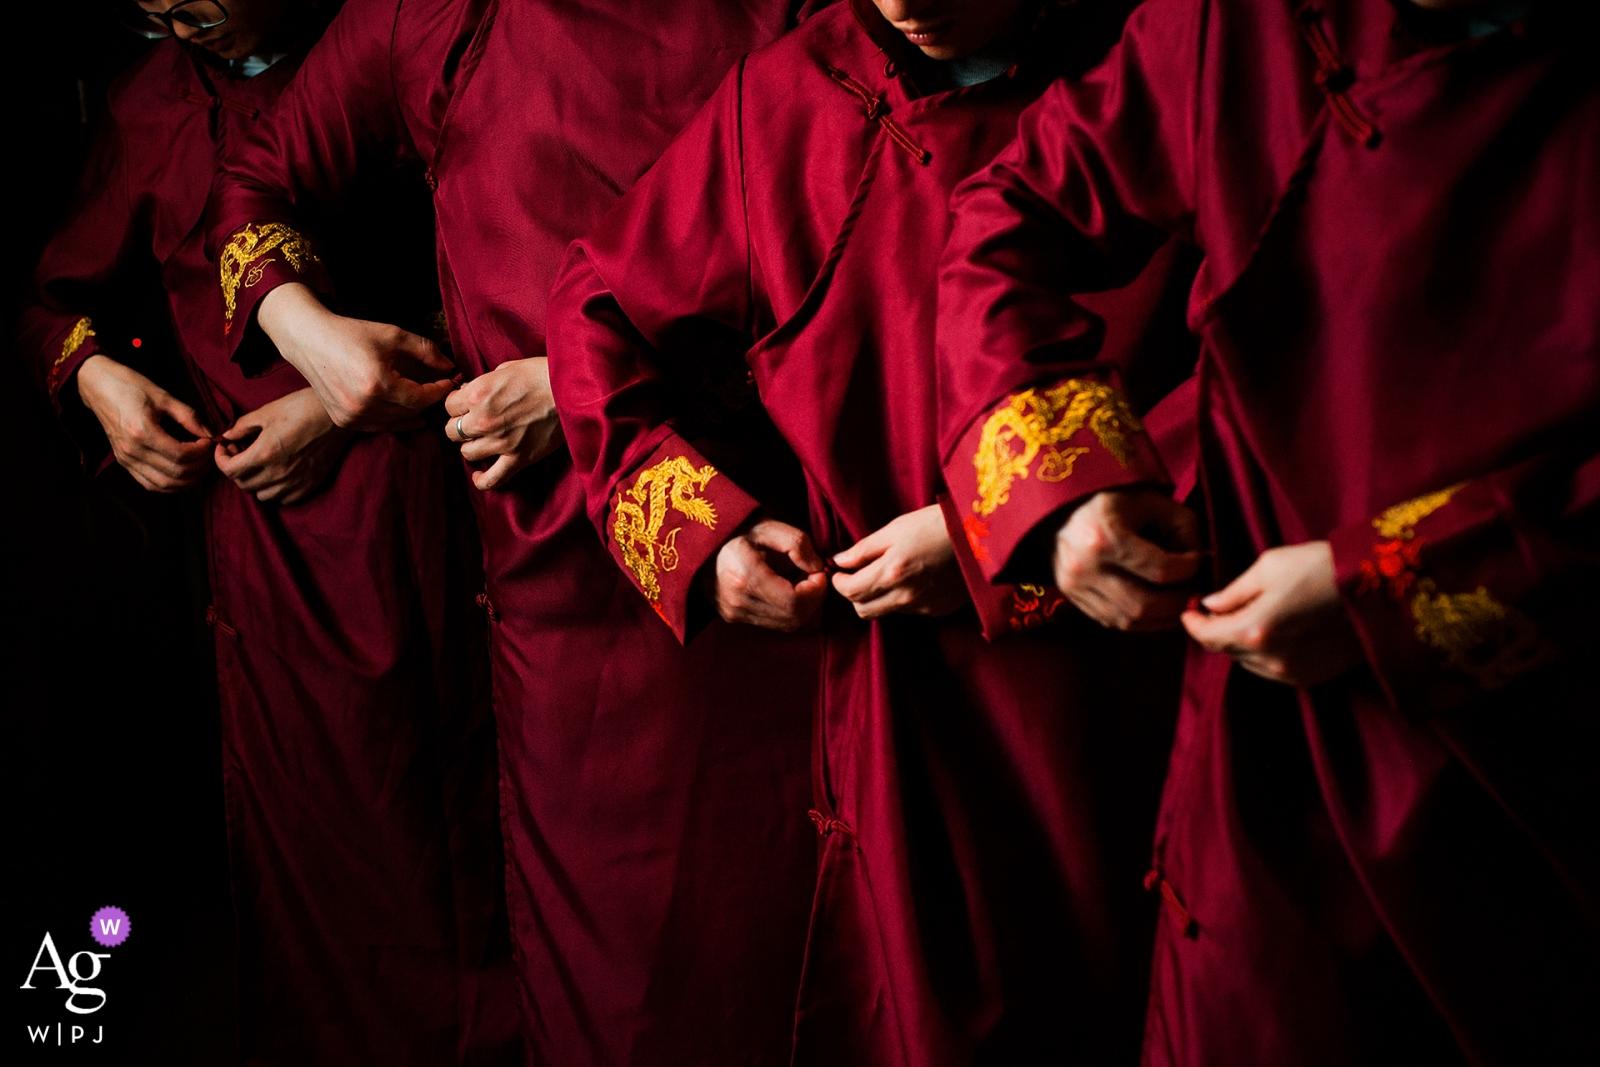 Fotograf ślubny Nanping stworzył ten obraz rąk drużbów wiążących szaty przed ceremonią